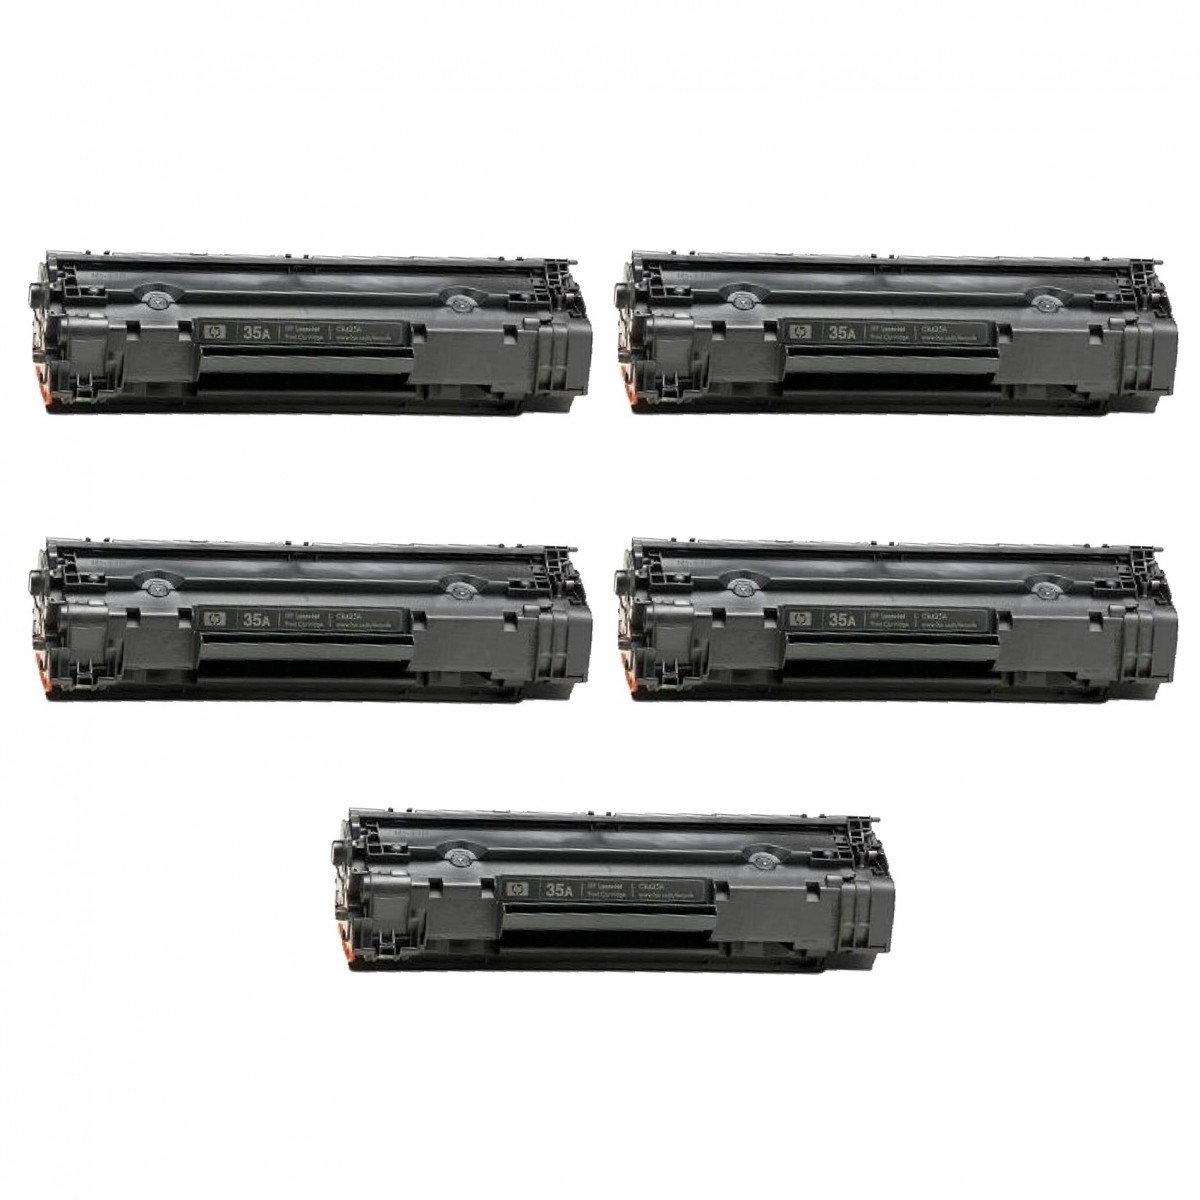 TONER HP 285 / 85a / CE285 / 278 / 85 / 436 / 435/ toner 85a /P1005 / 1006 / 1505 / 1505N / M1552N / COMPATIVEL 5 UNIDADES